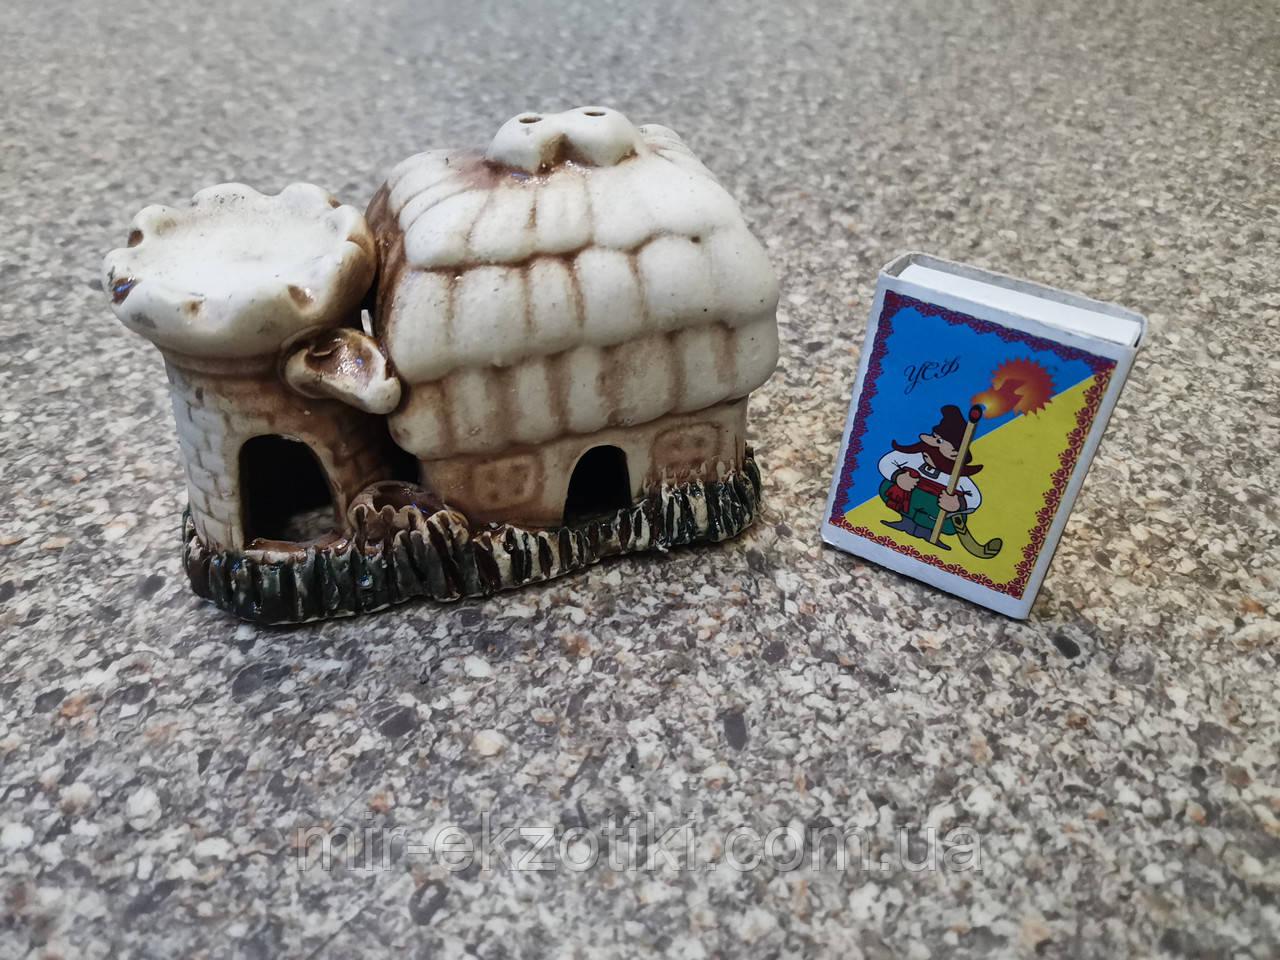 С486 Керамическая декорация для аквариума Домик с башней